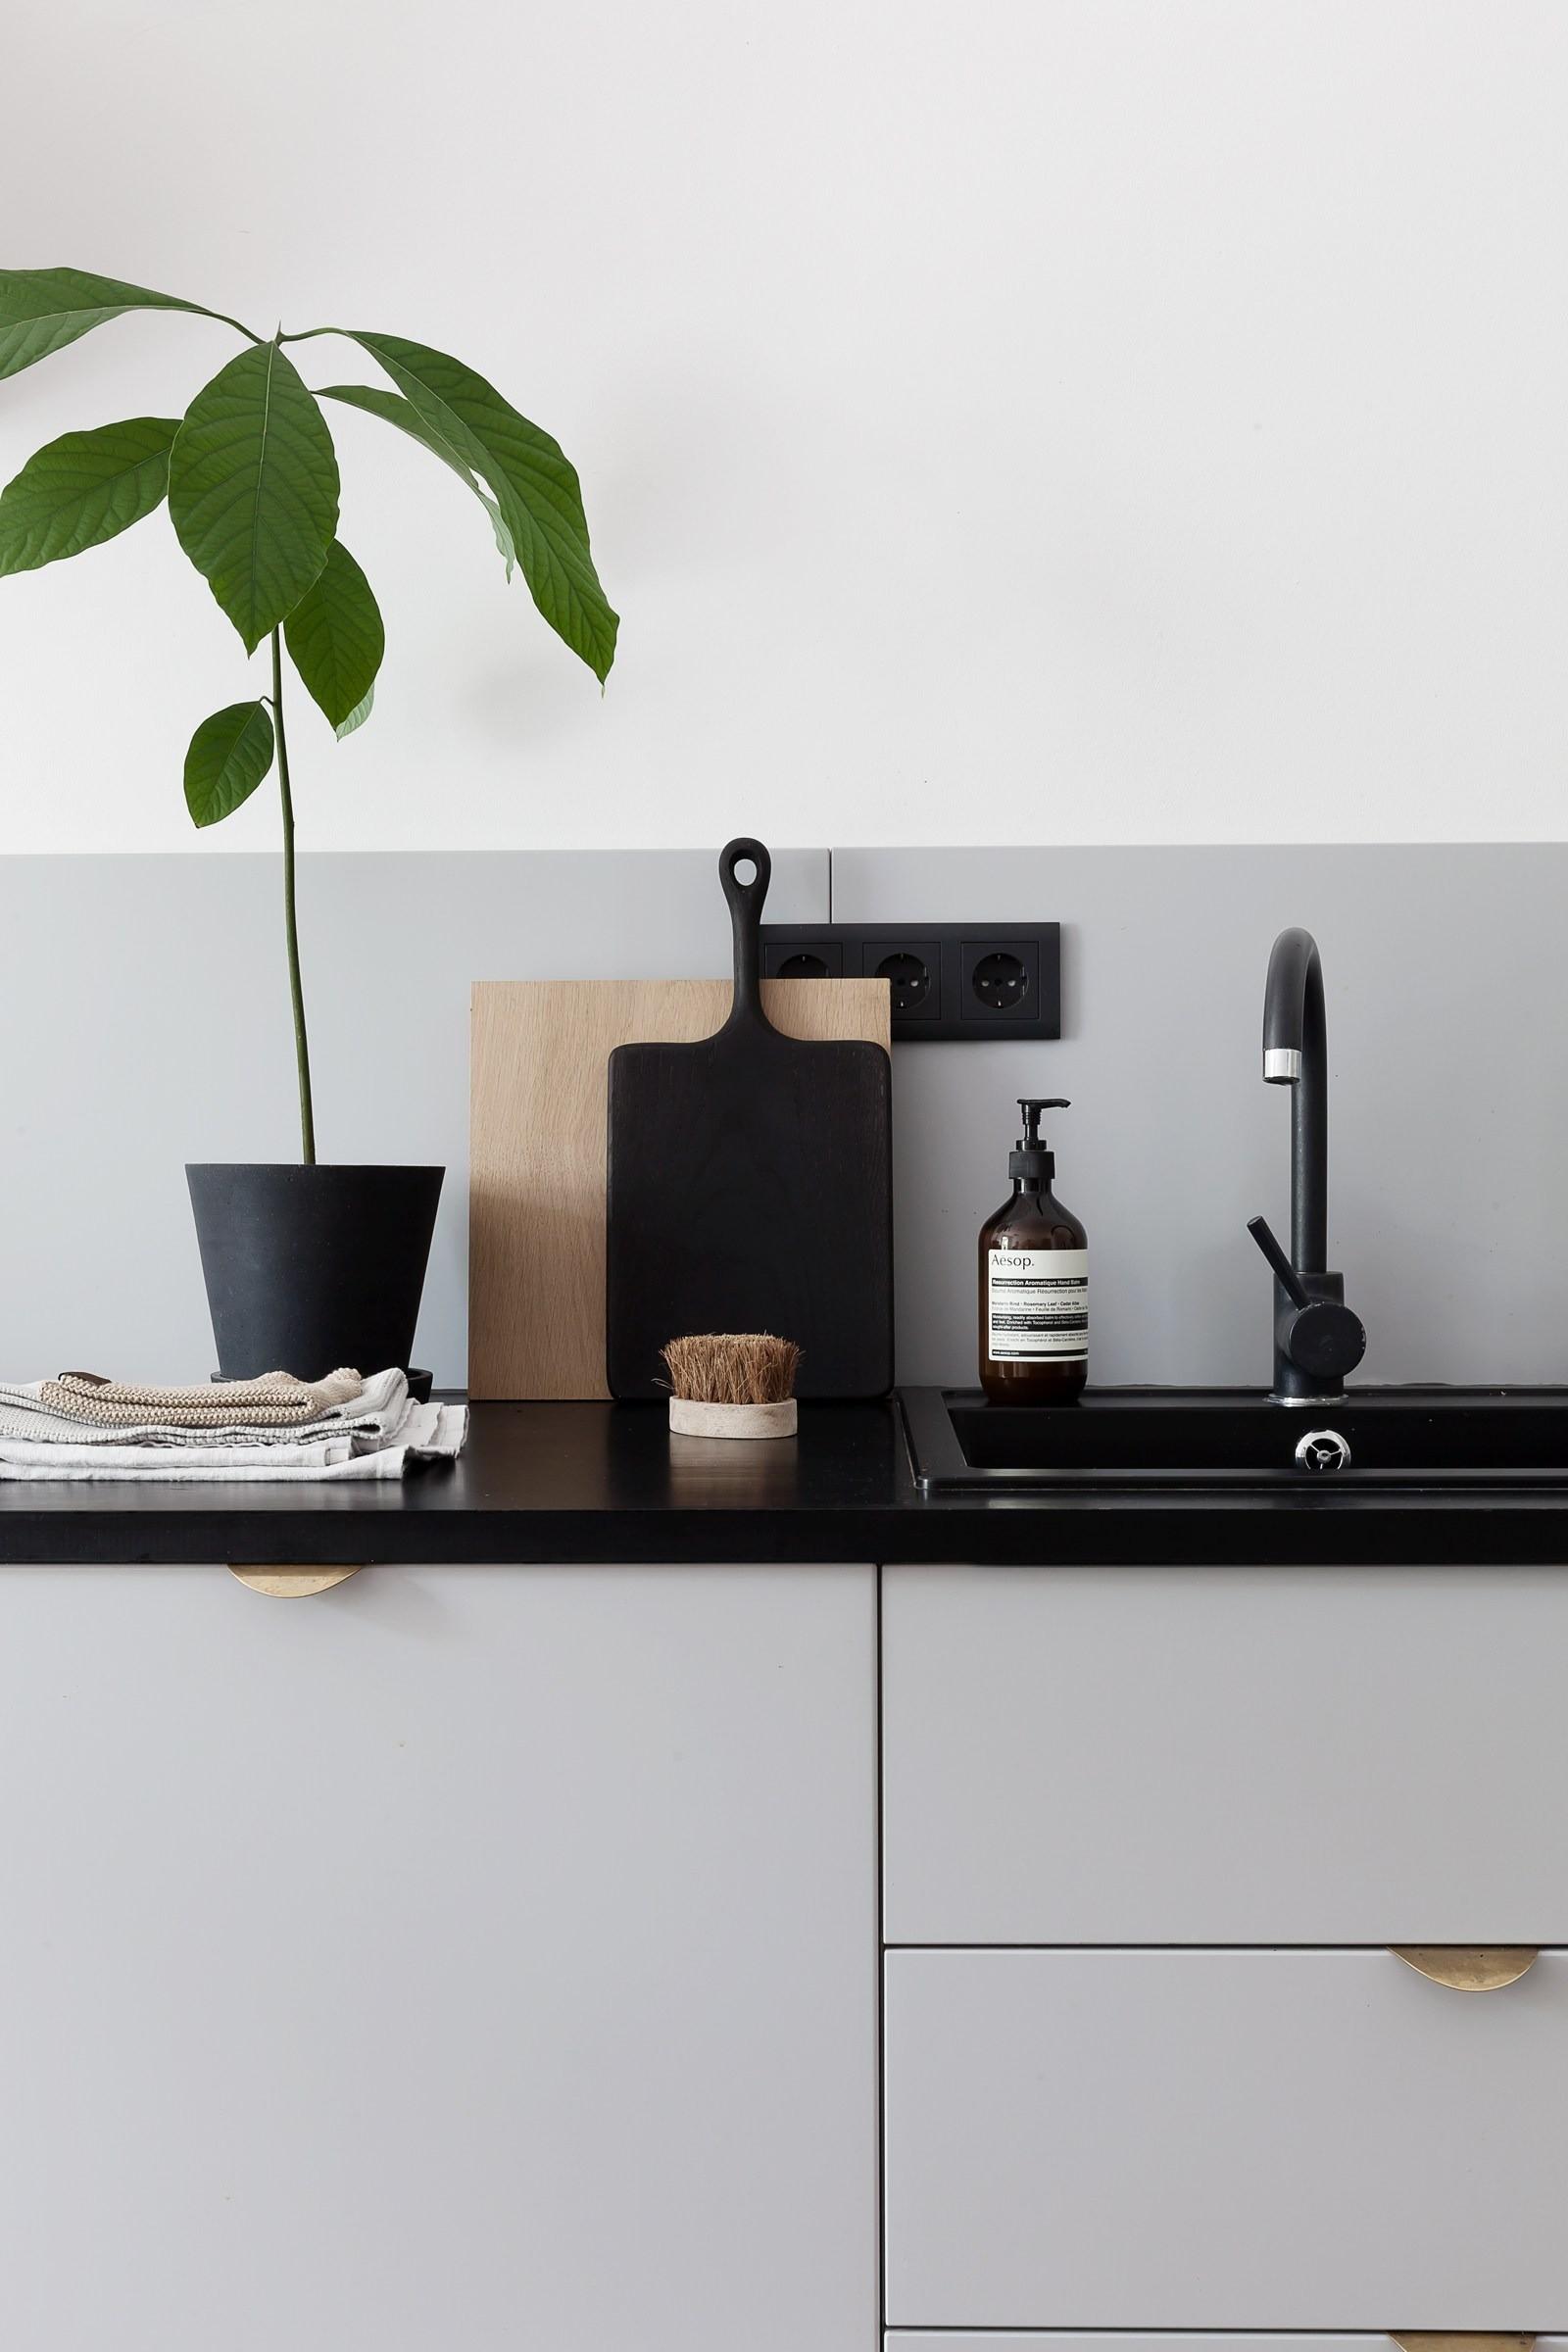 10 самых грязных мест в квартире, которые требуют вашего внимания